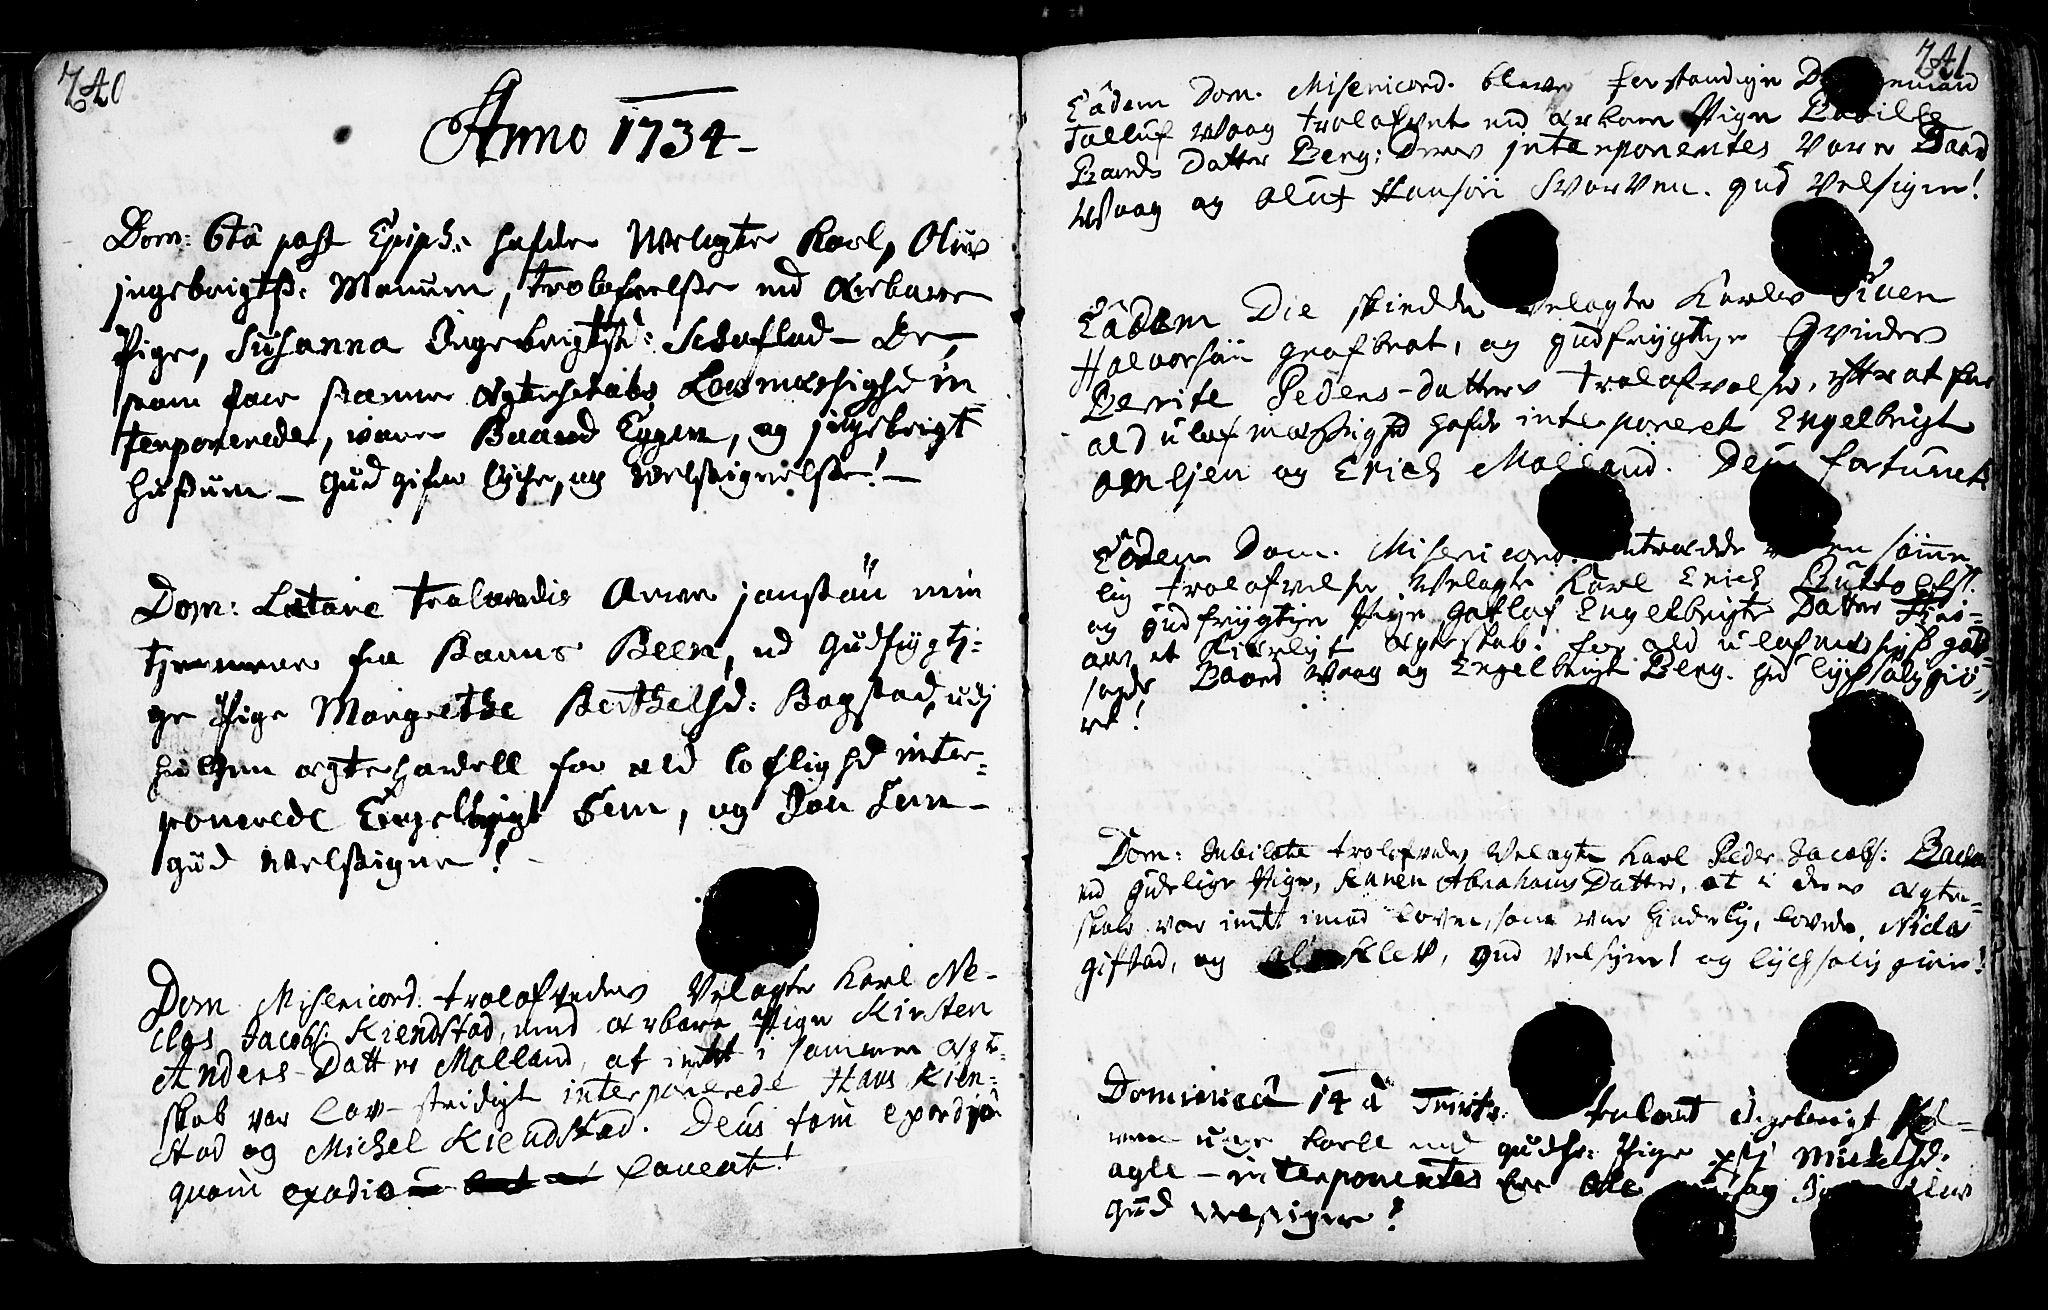 SAT, Ministerialprotokoller, klokkerbøker og fødselsregistre - Nord-Trøndelag, 749/L0467: Ministerialbok nr. 749A01, 1733-1787, s. 240-241